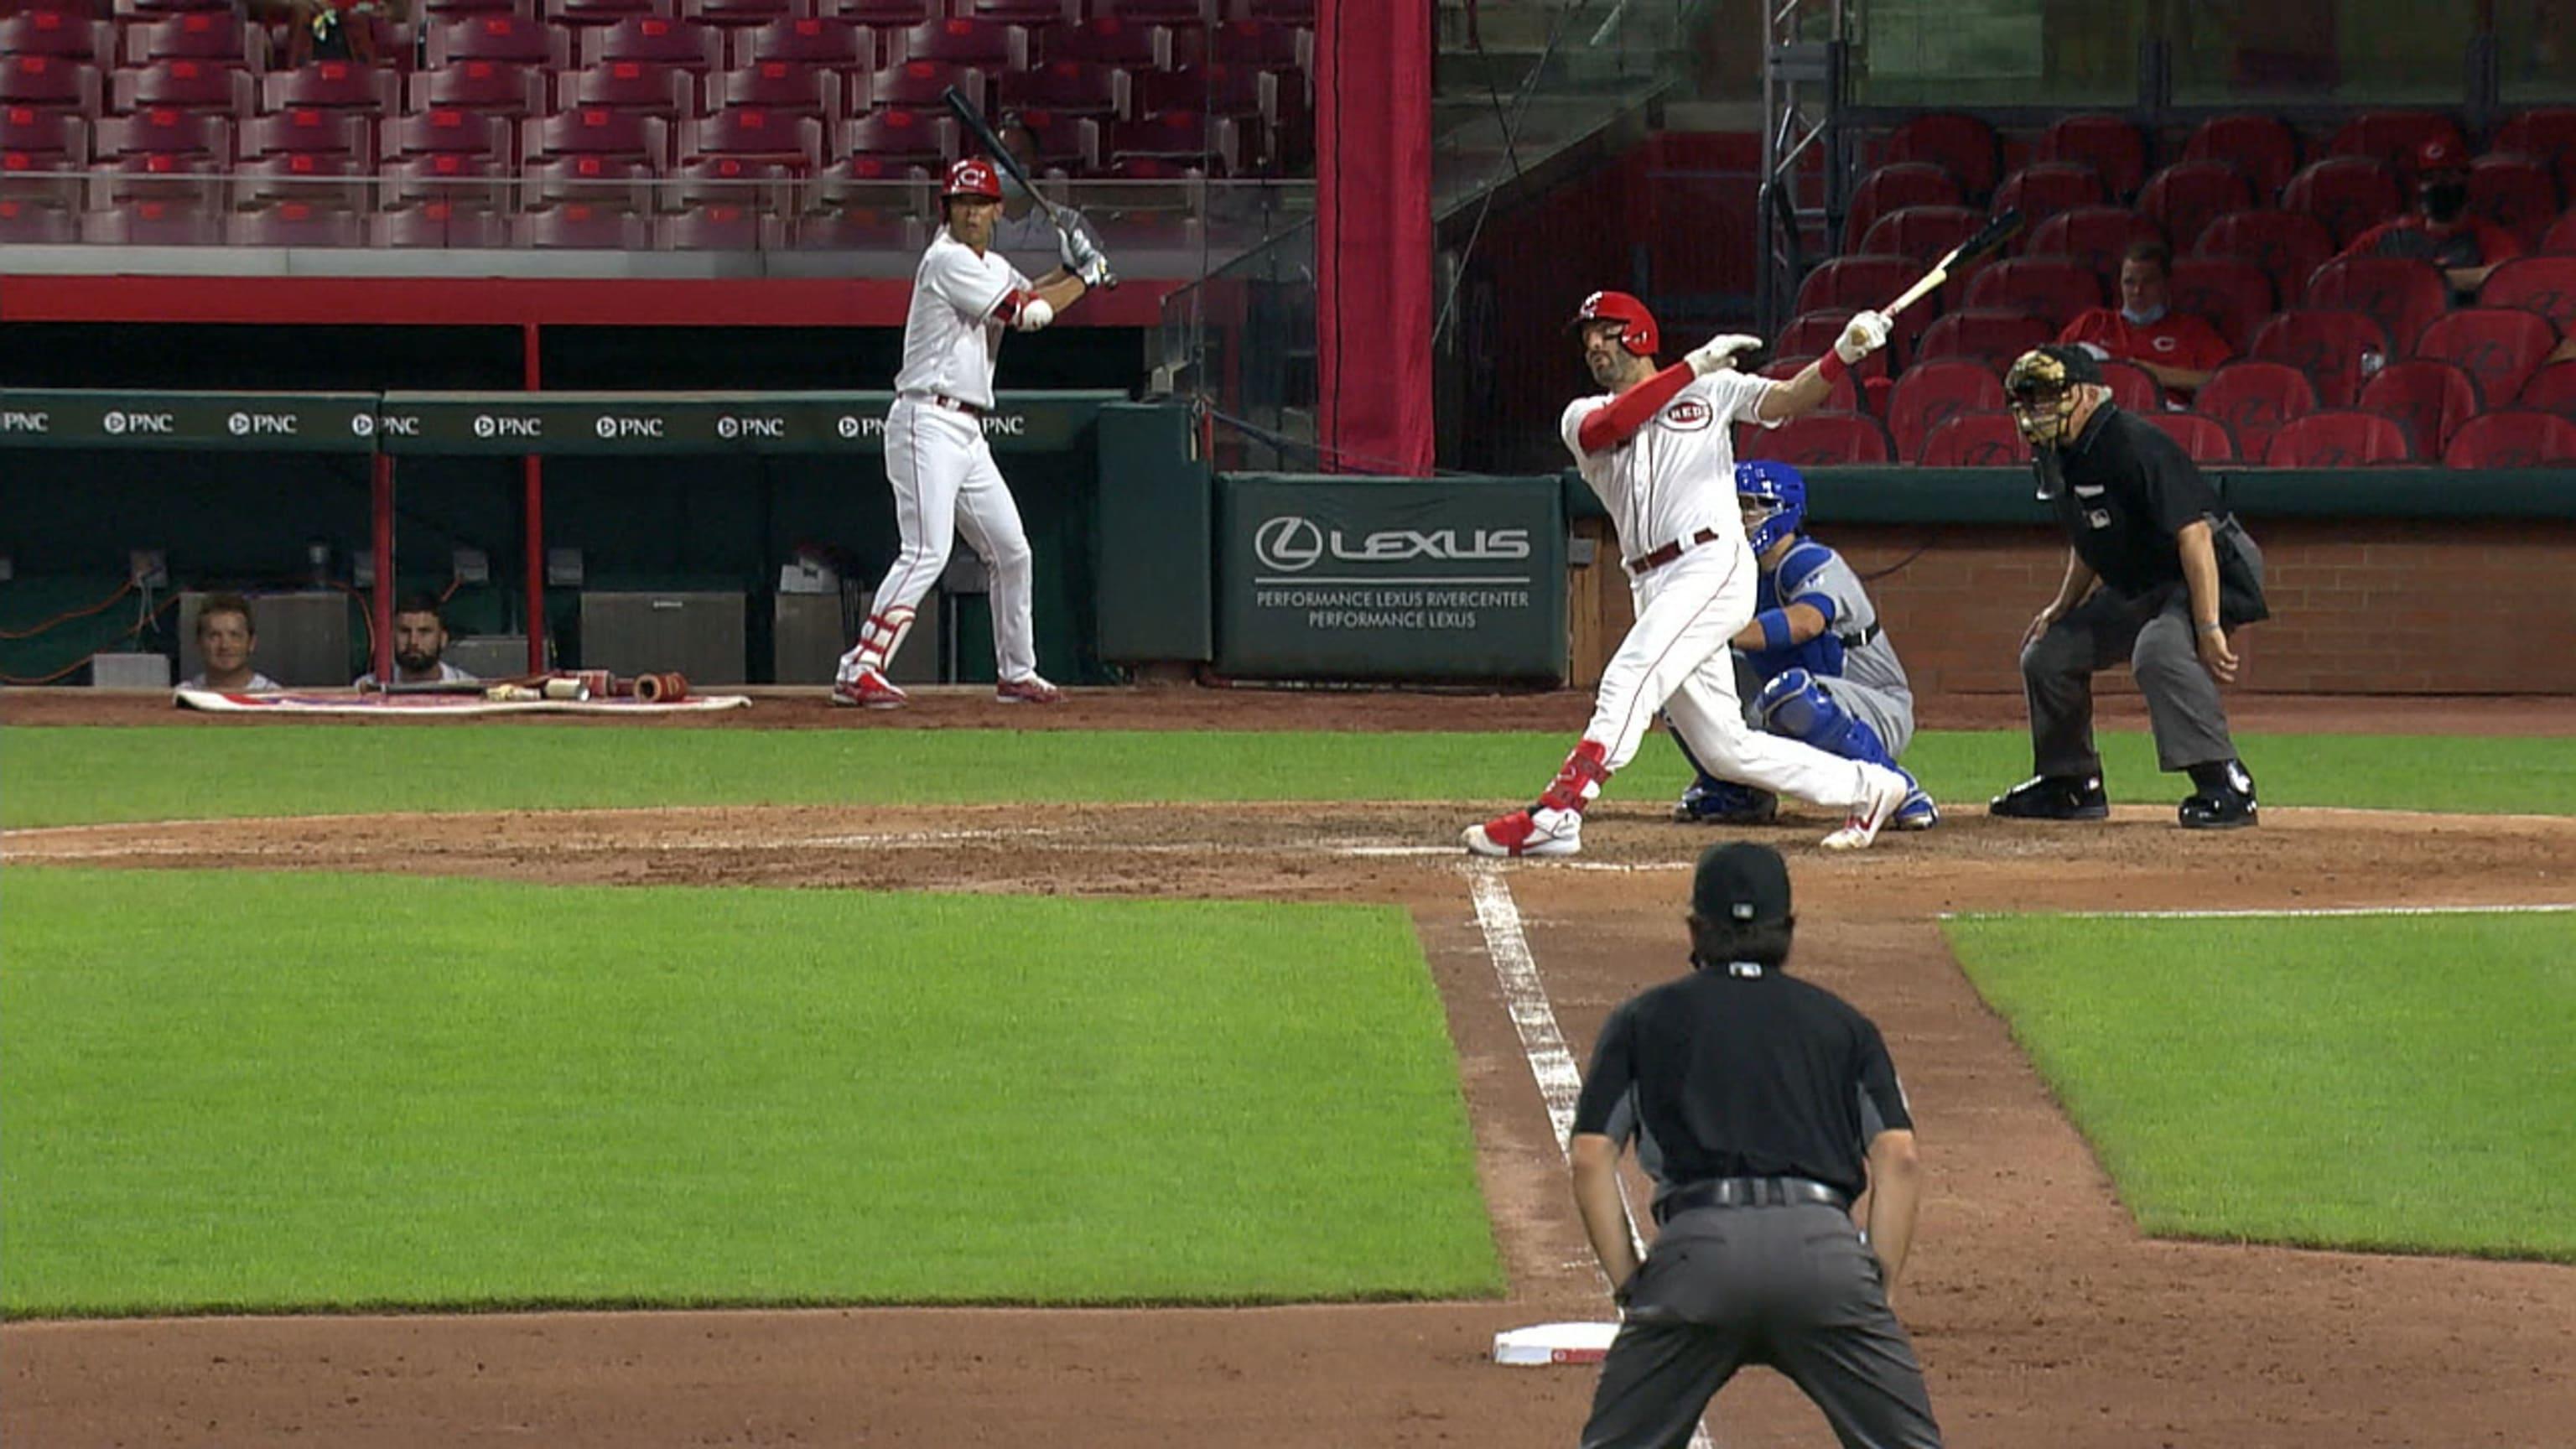 Curt Casali's solo home run